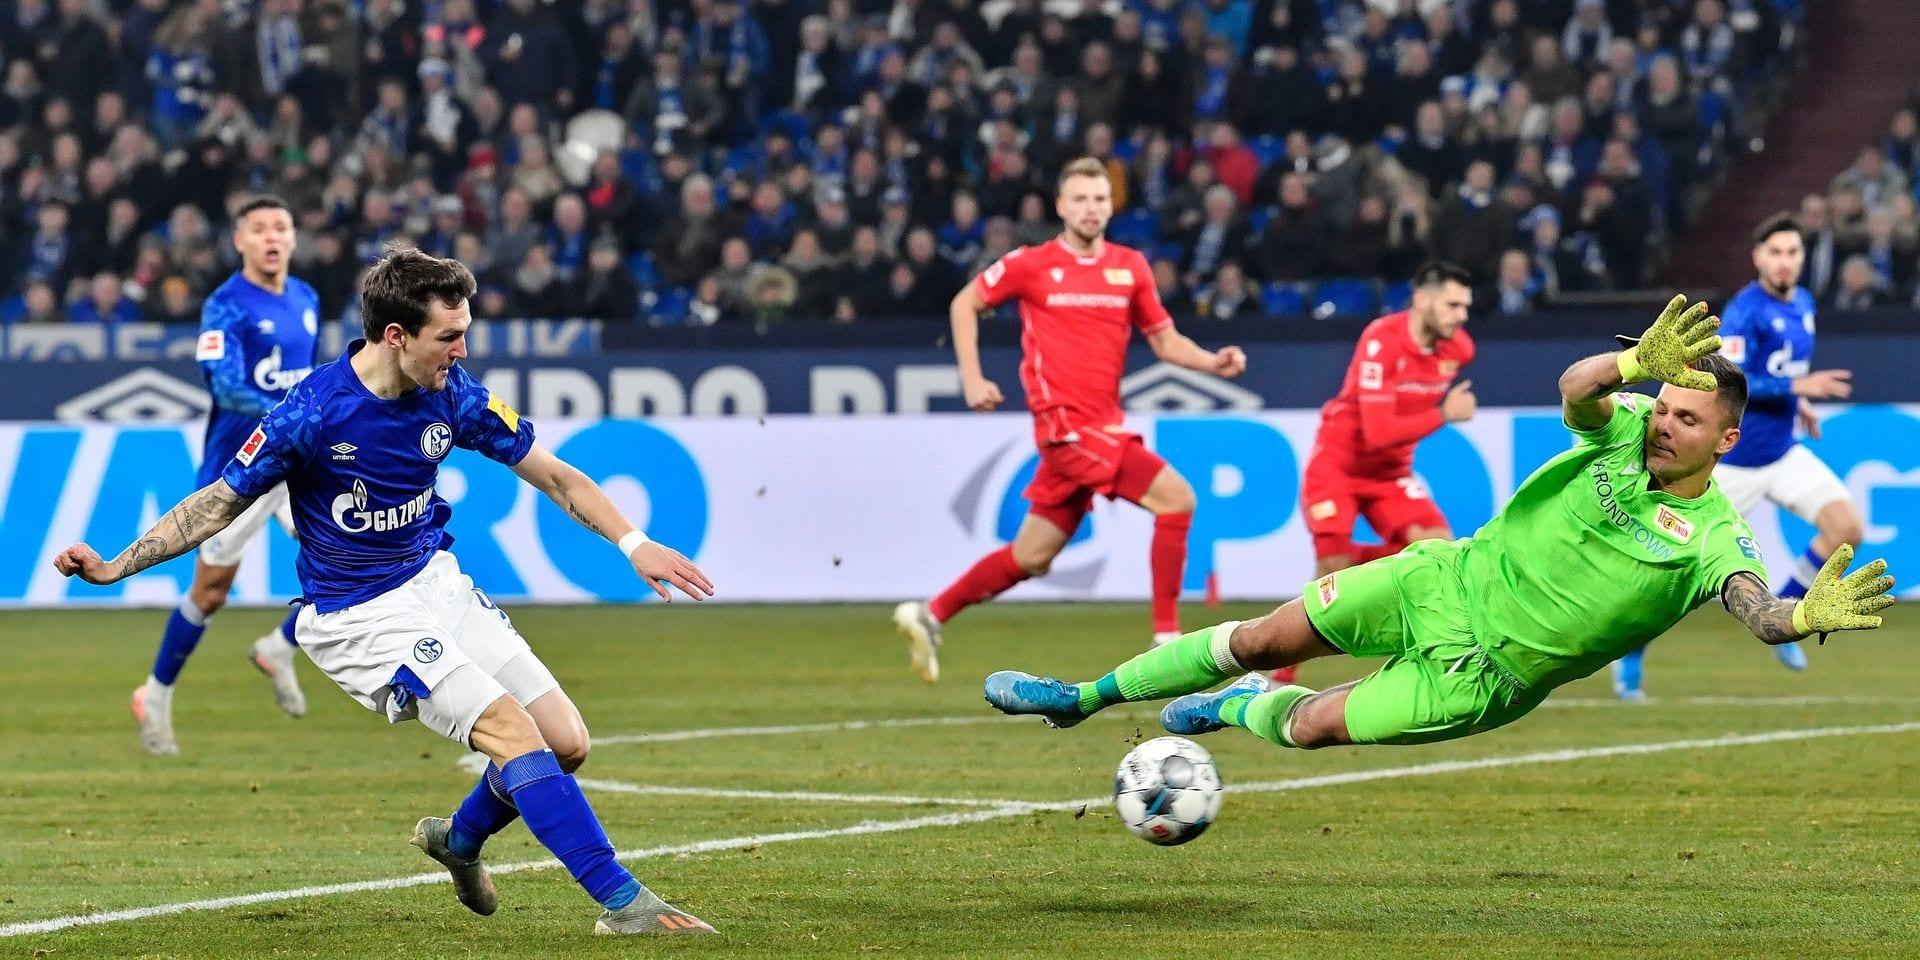 Raman aide Schalke 04 à rejoindre Mönchenglabach à la première place